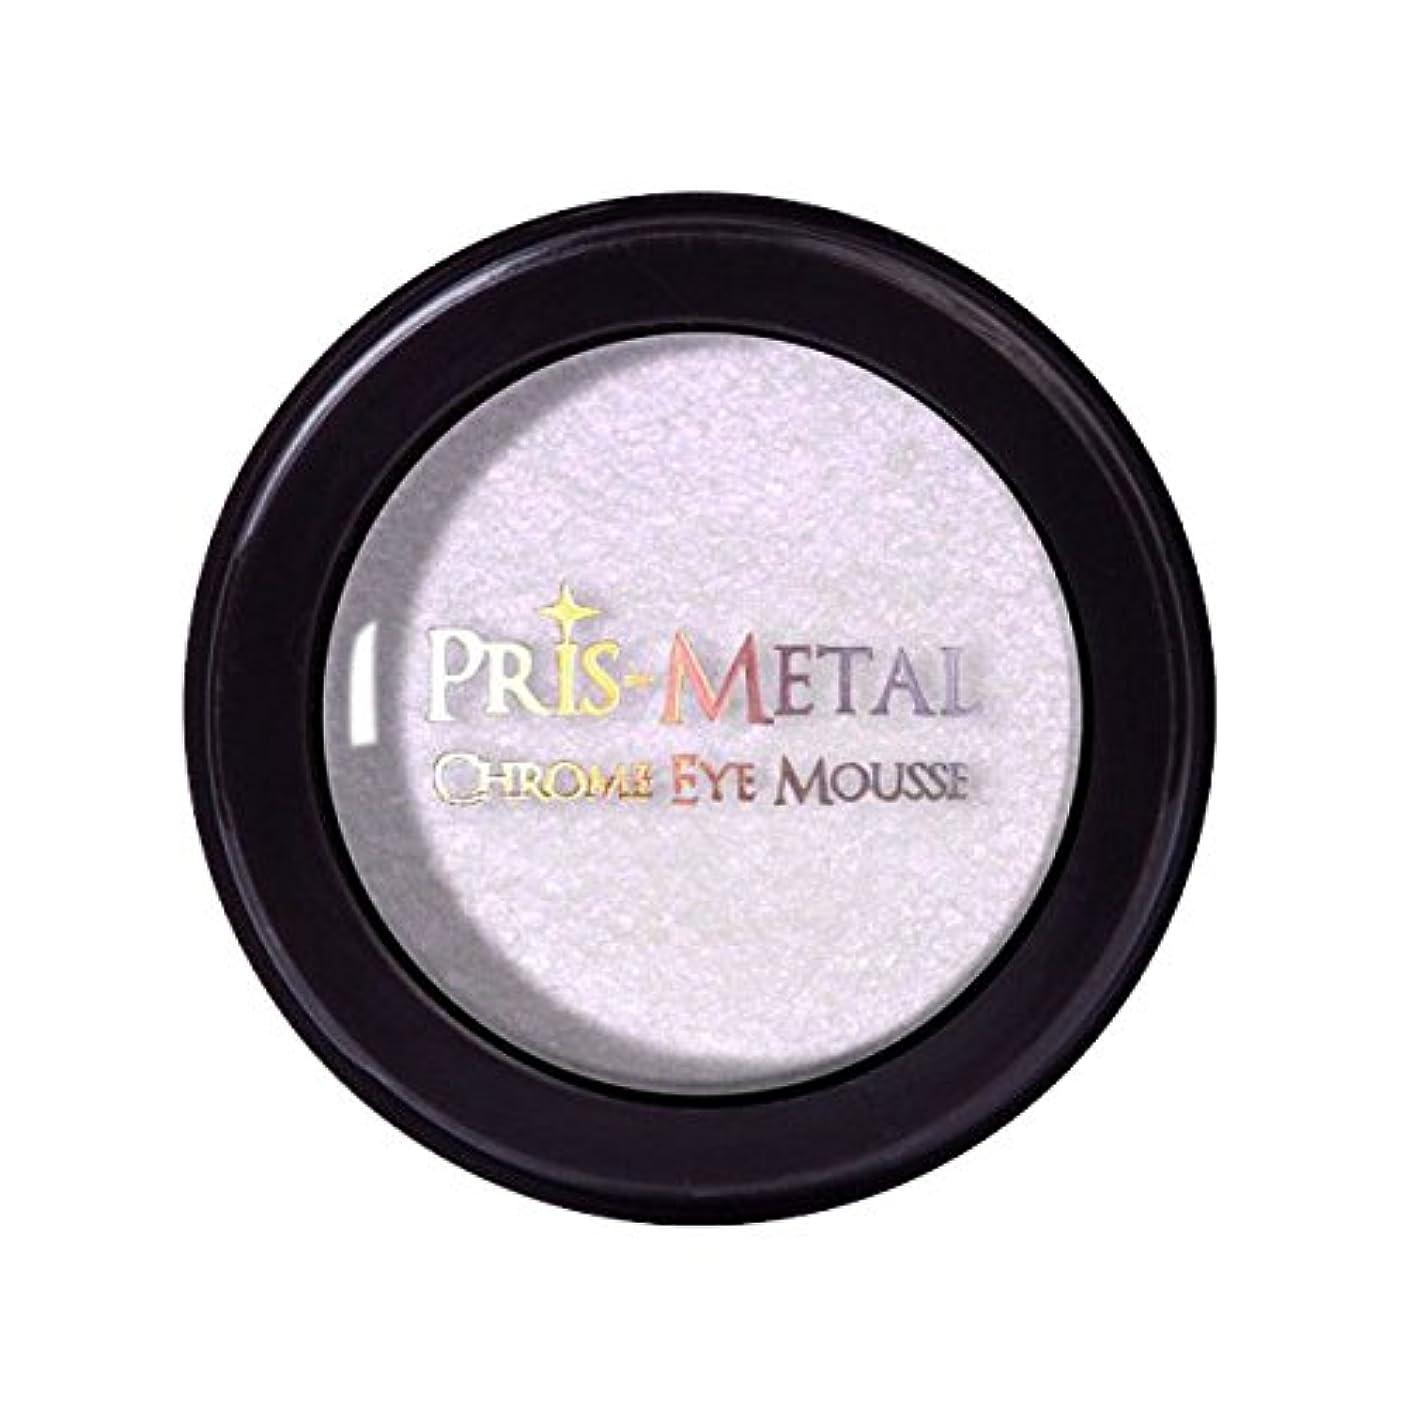 サバントめんどり落胆したJ. CAT BEAUTY Pris-Metal Chrome Eye Mousse - Pinky Promise (並行輸入品)